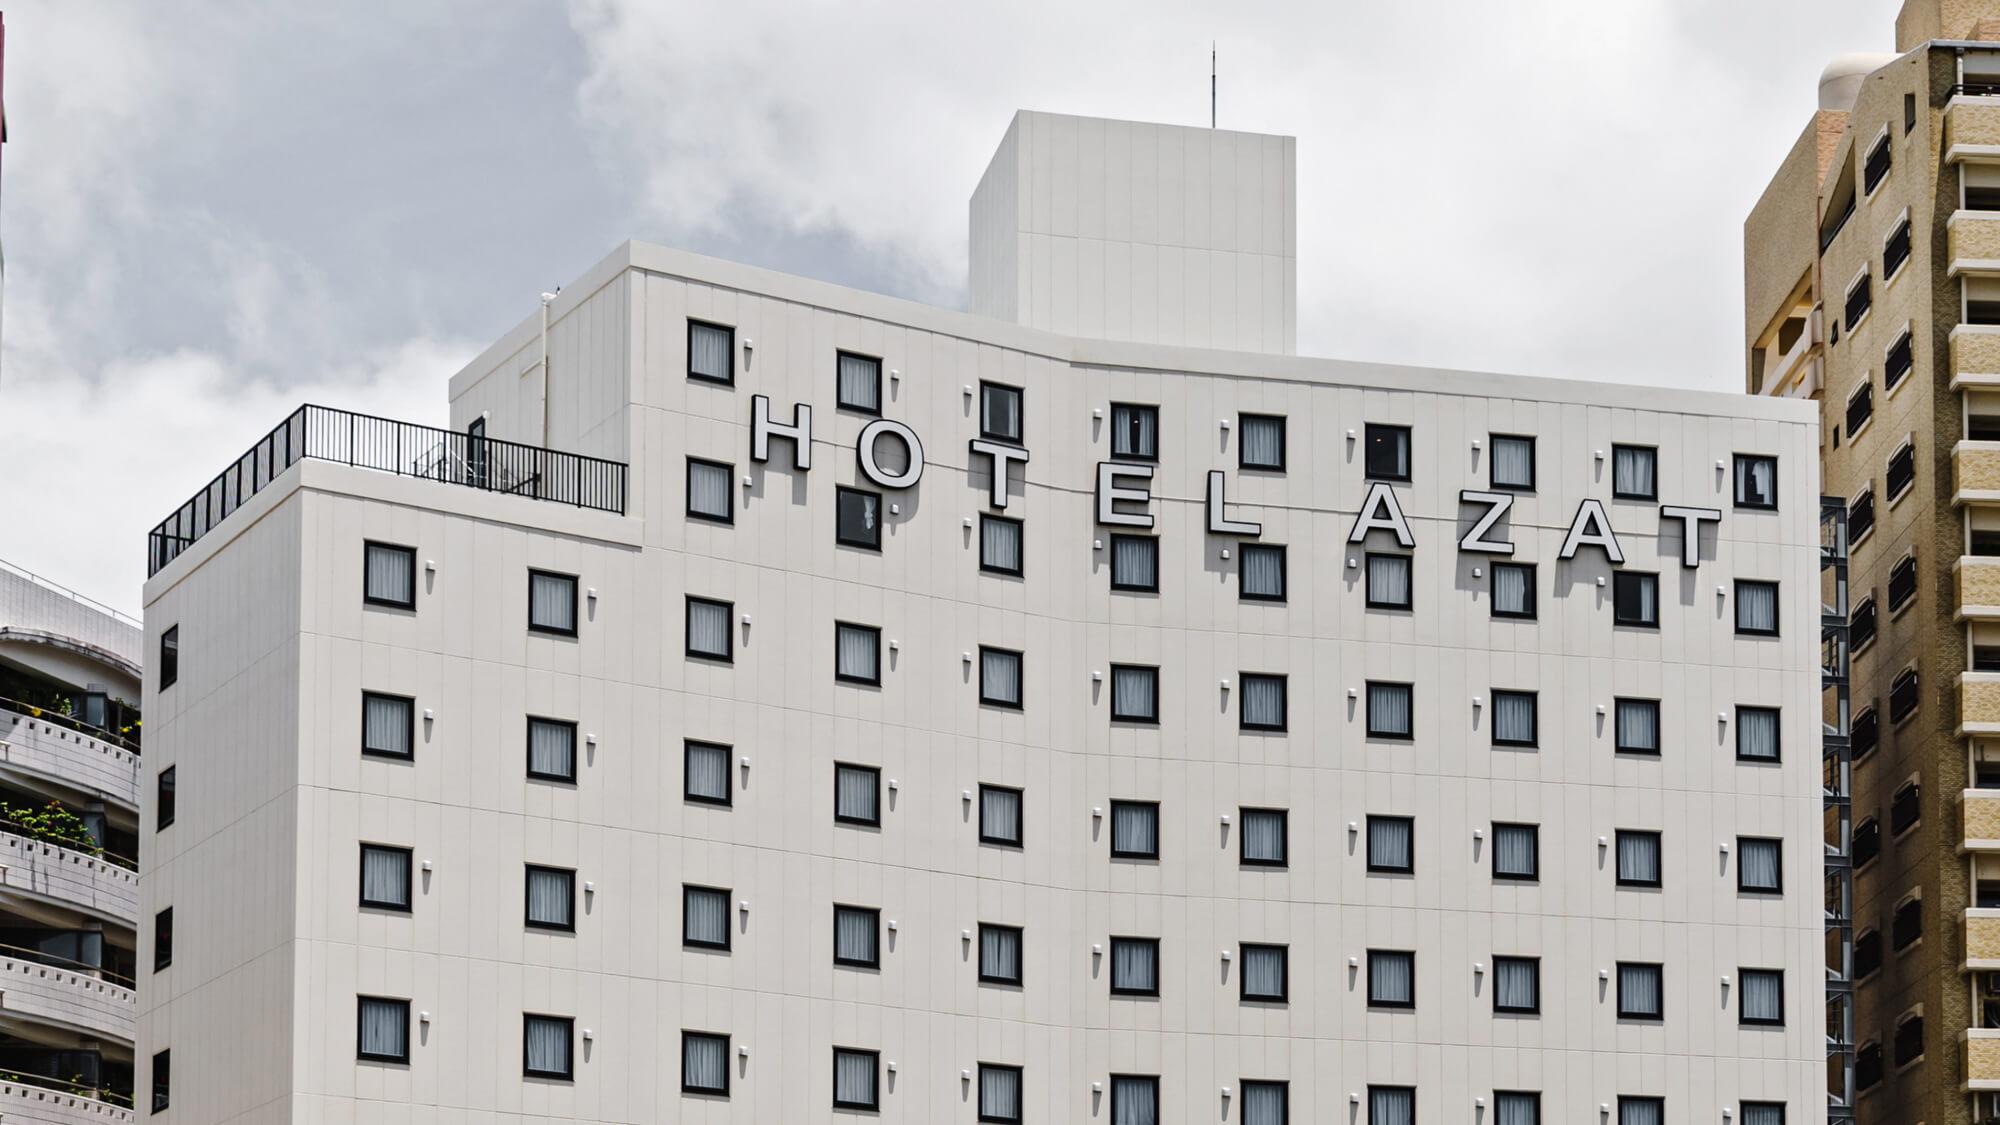 【HOTEL AZAT】2017年4月新館リバーウイング棟OPEN!